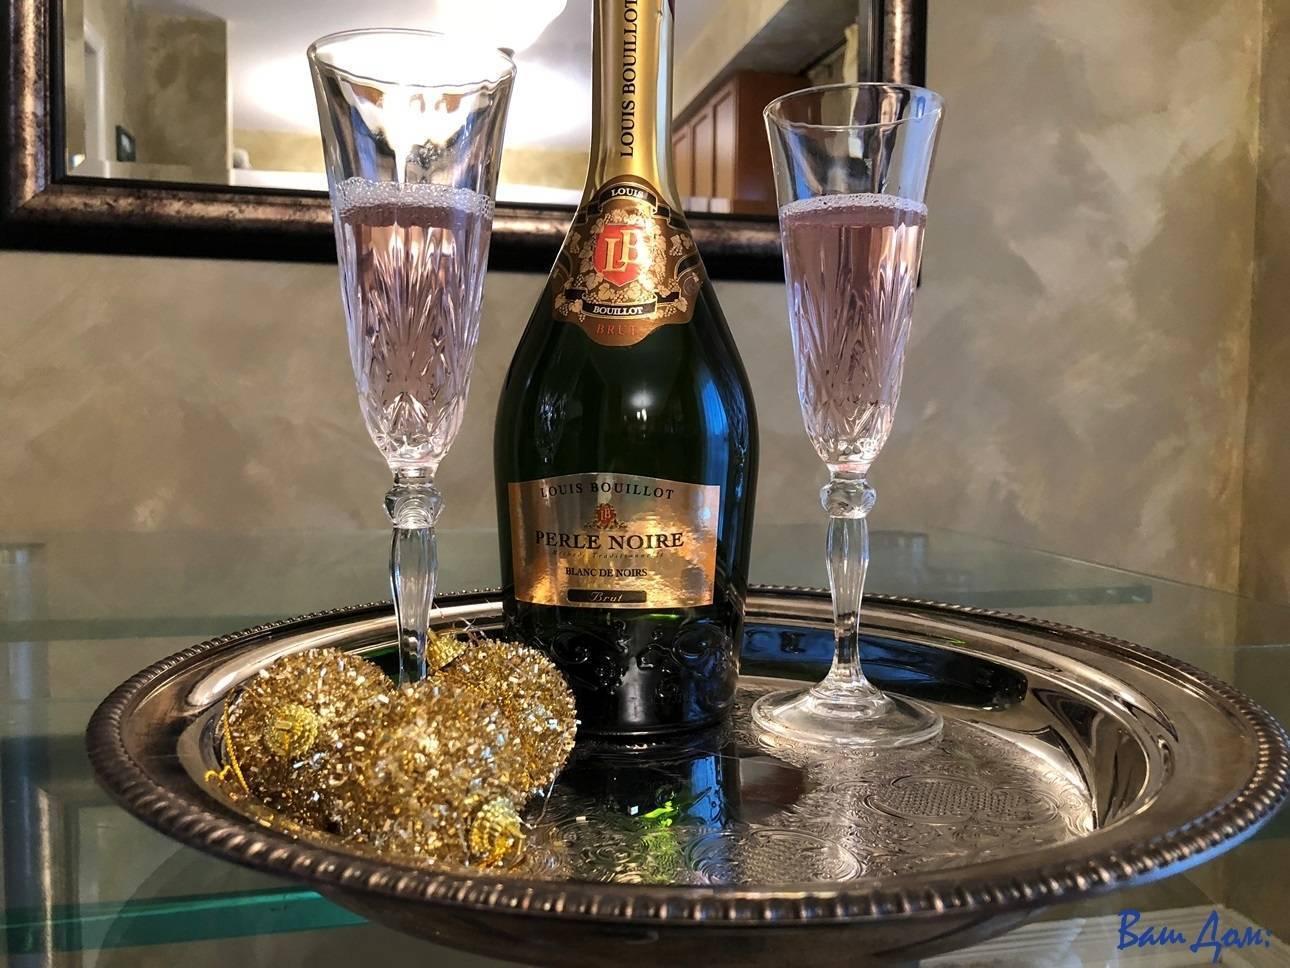 Как открыть шампанское: по классике, ножом. что, если сломалась пробка?